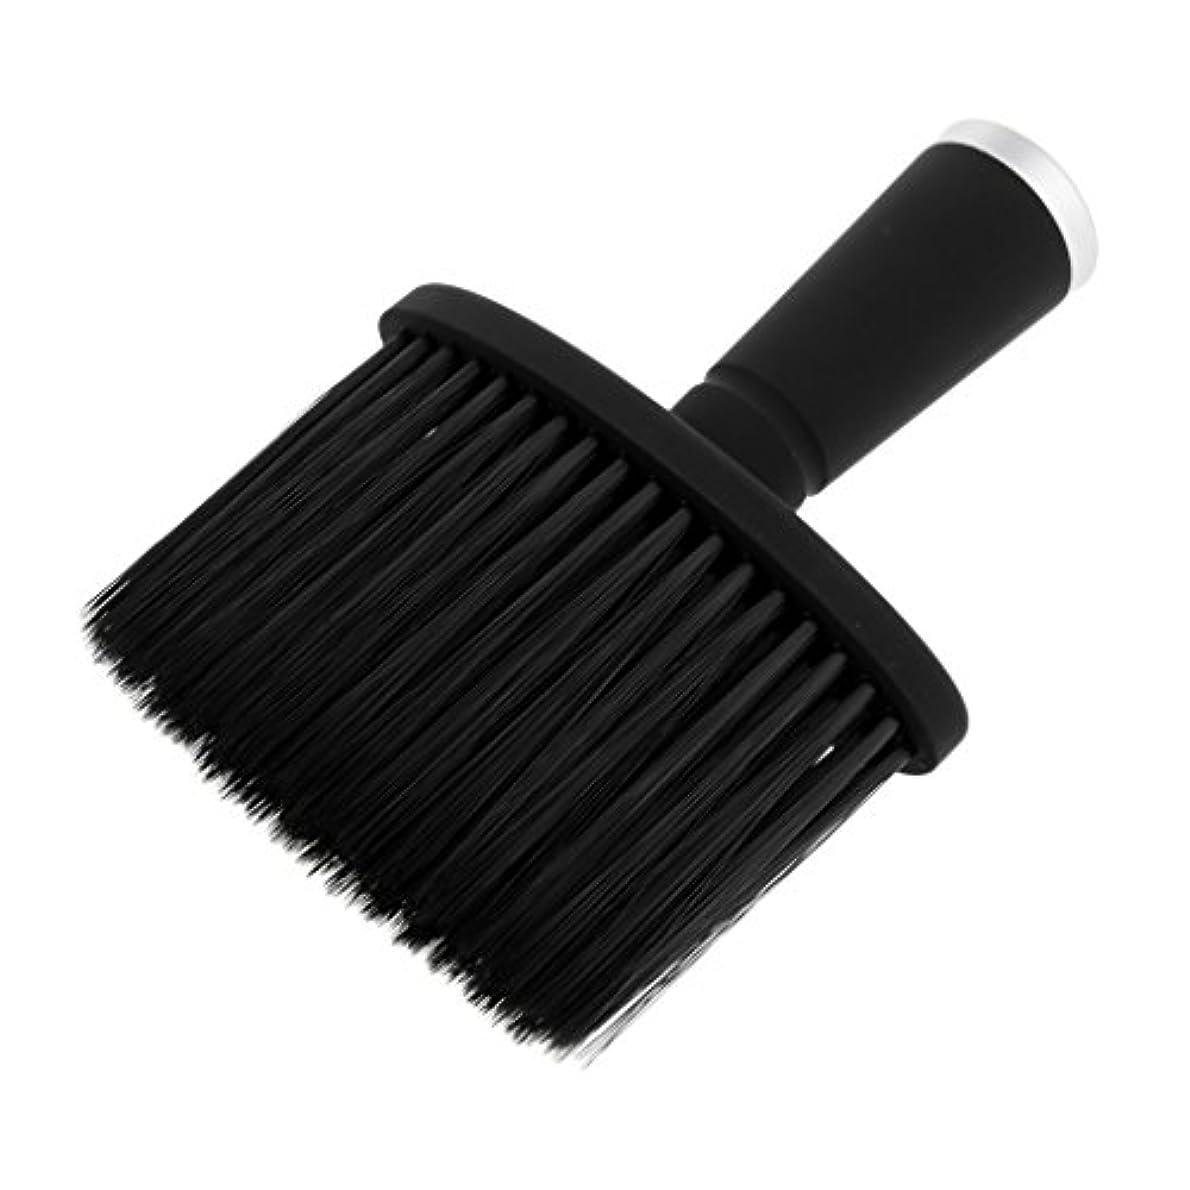 稼ぐ女性性交ソフトネックダスターブラシサロンのためのスタイリストの理髪髪ヘアカットメイクツール - 銀